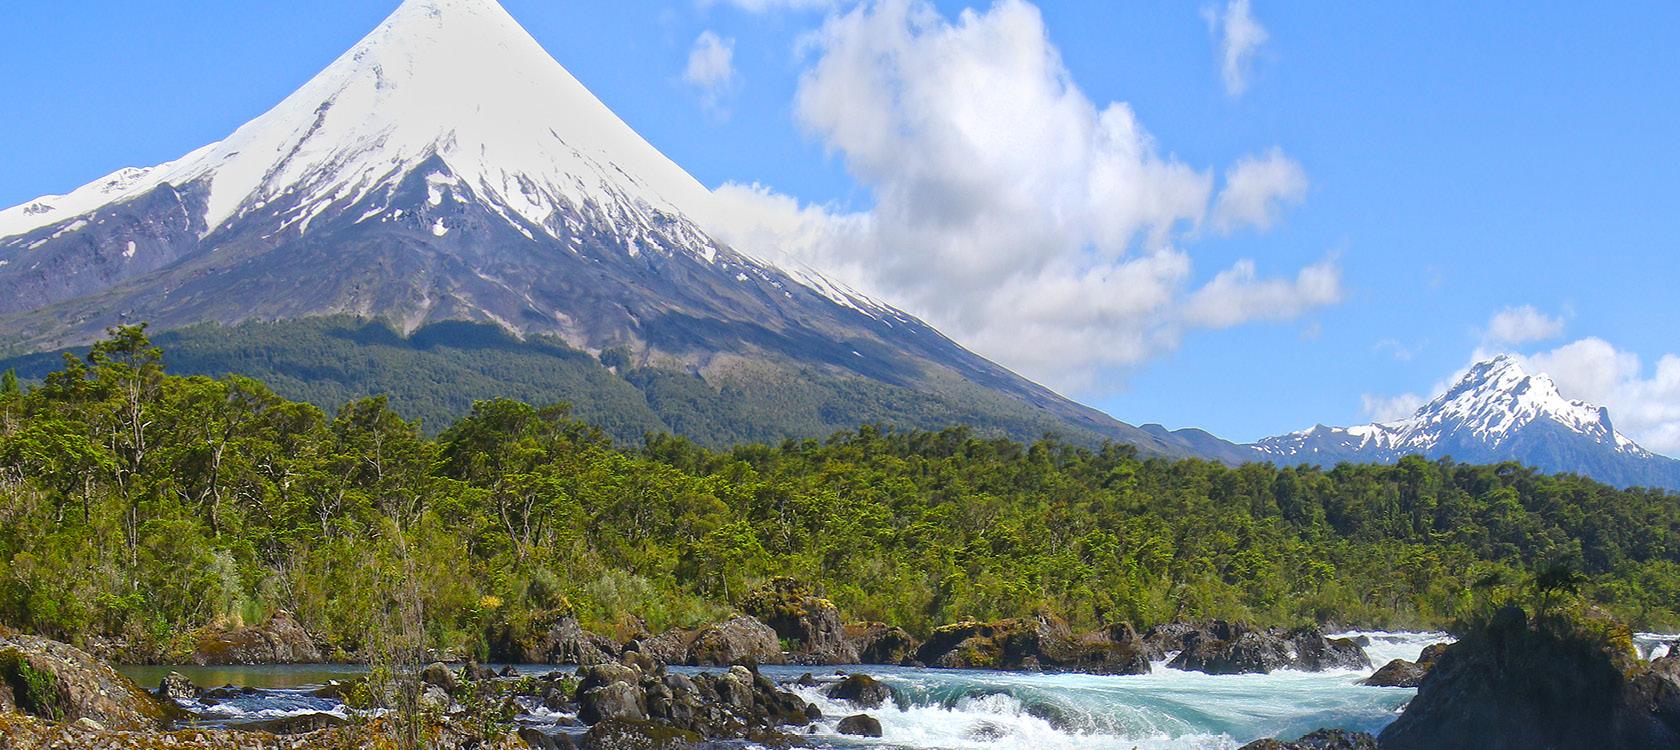 Se den bemærkelsesværdige natur i Argentina og Chile